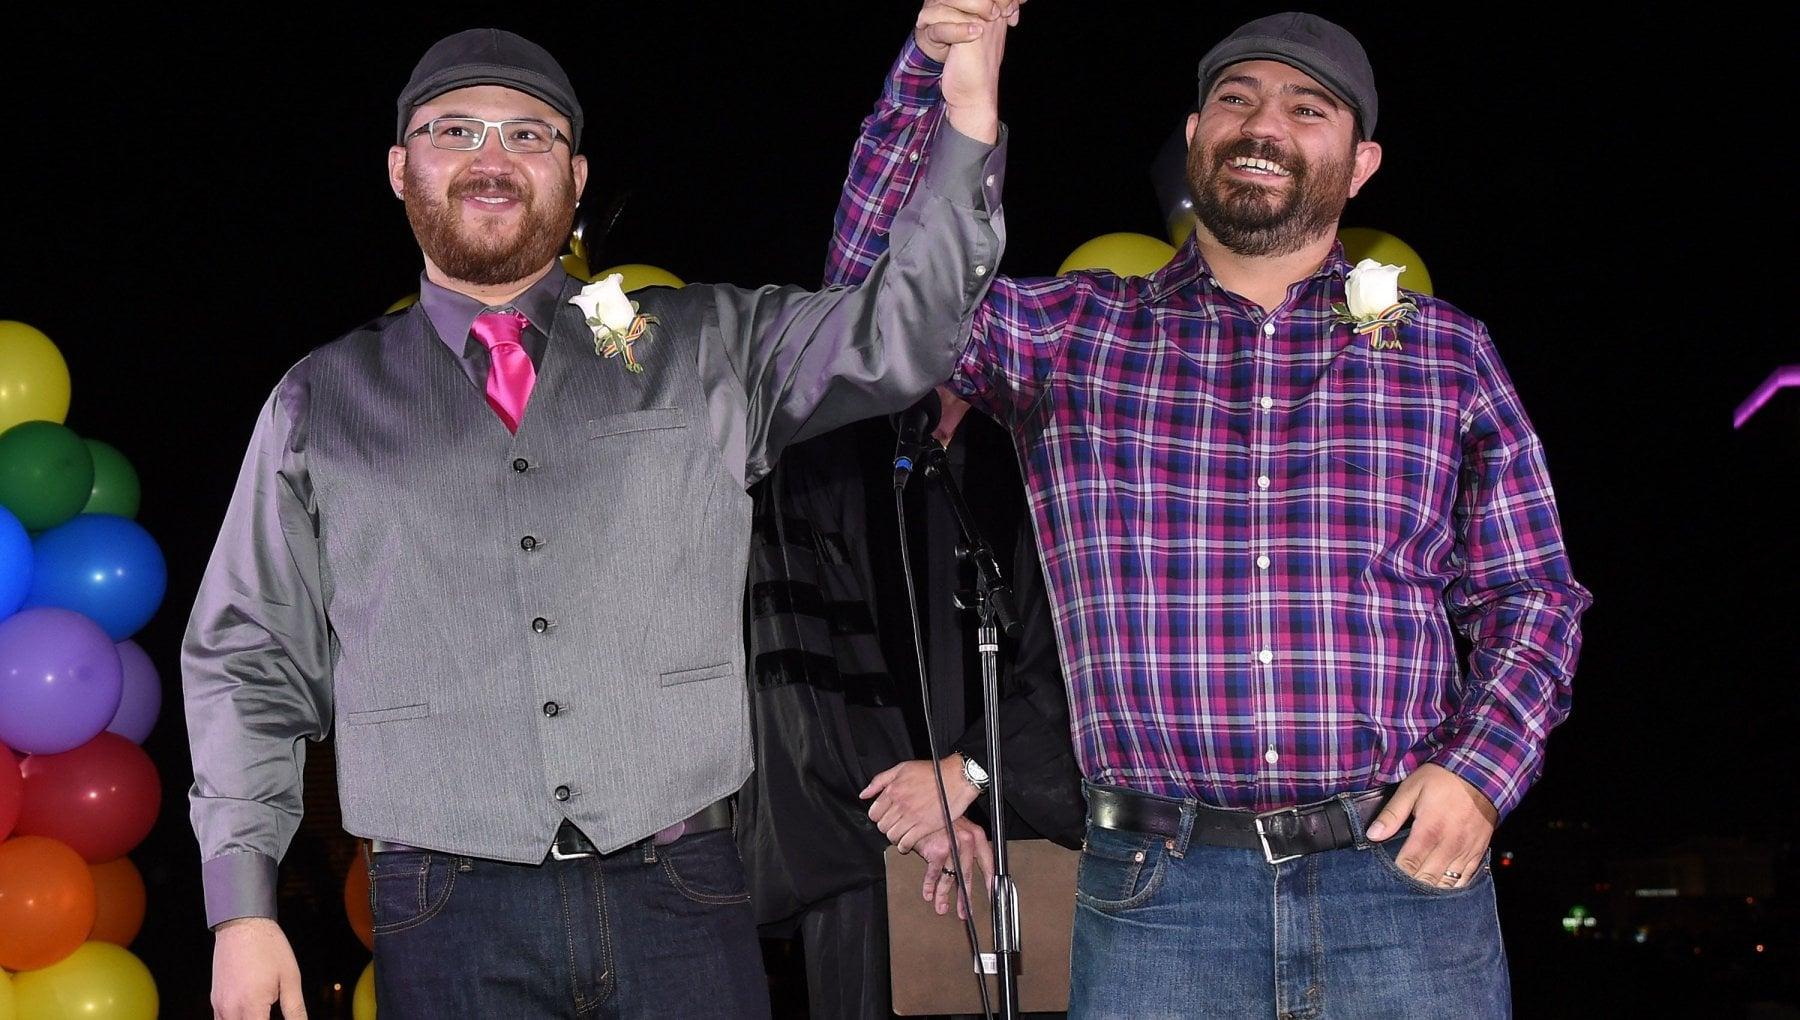 Nevada si alle nozze gay. E il primo Stato americano che le inserisce nella Costituzione